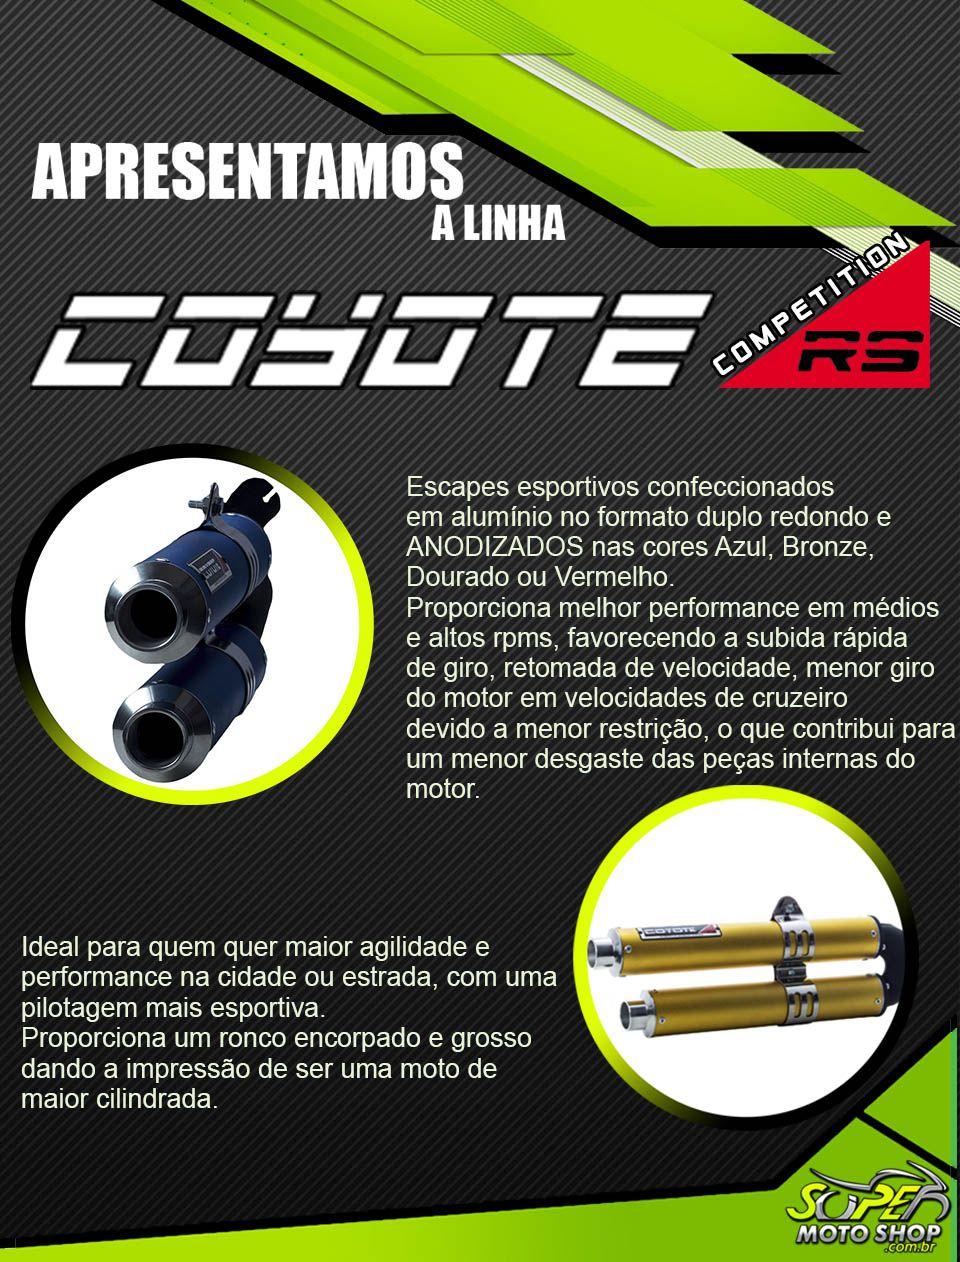 Escape / Ponteira Coyote Competition Duplo em Alumínio Colorido (Anodizado) - CB 300 R - Honda